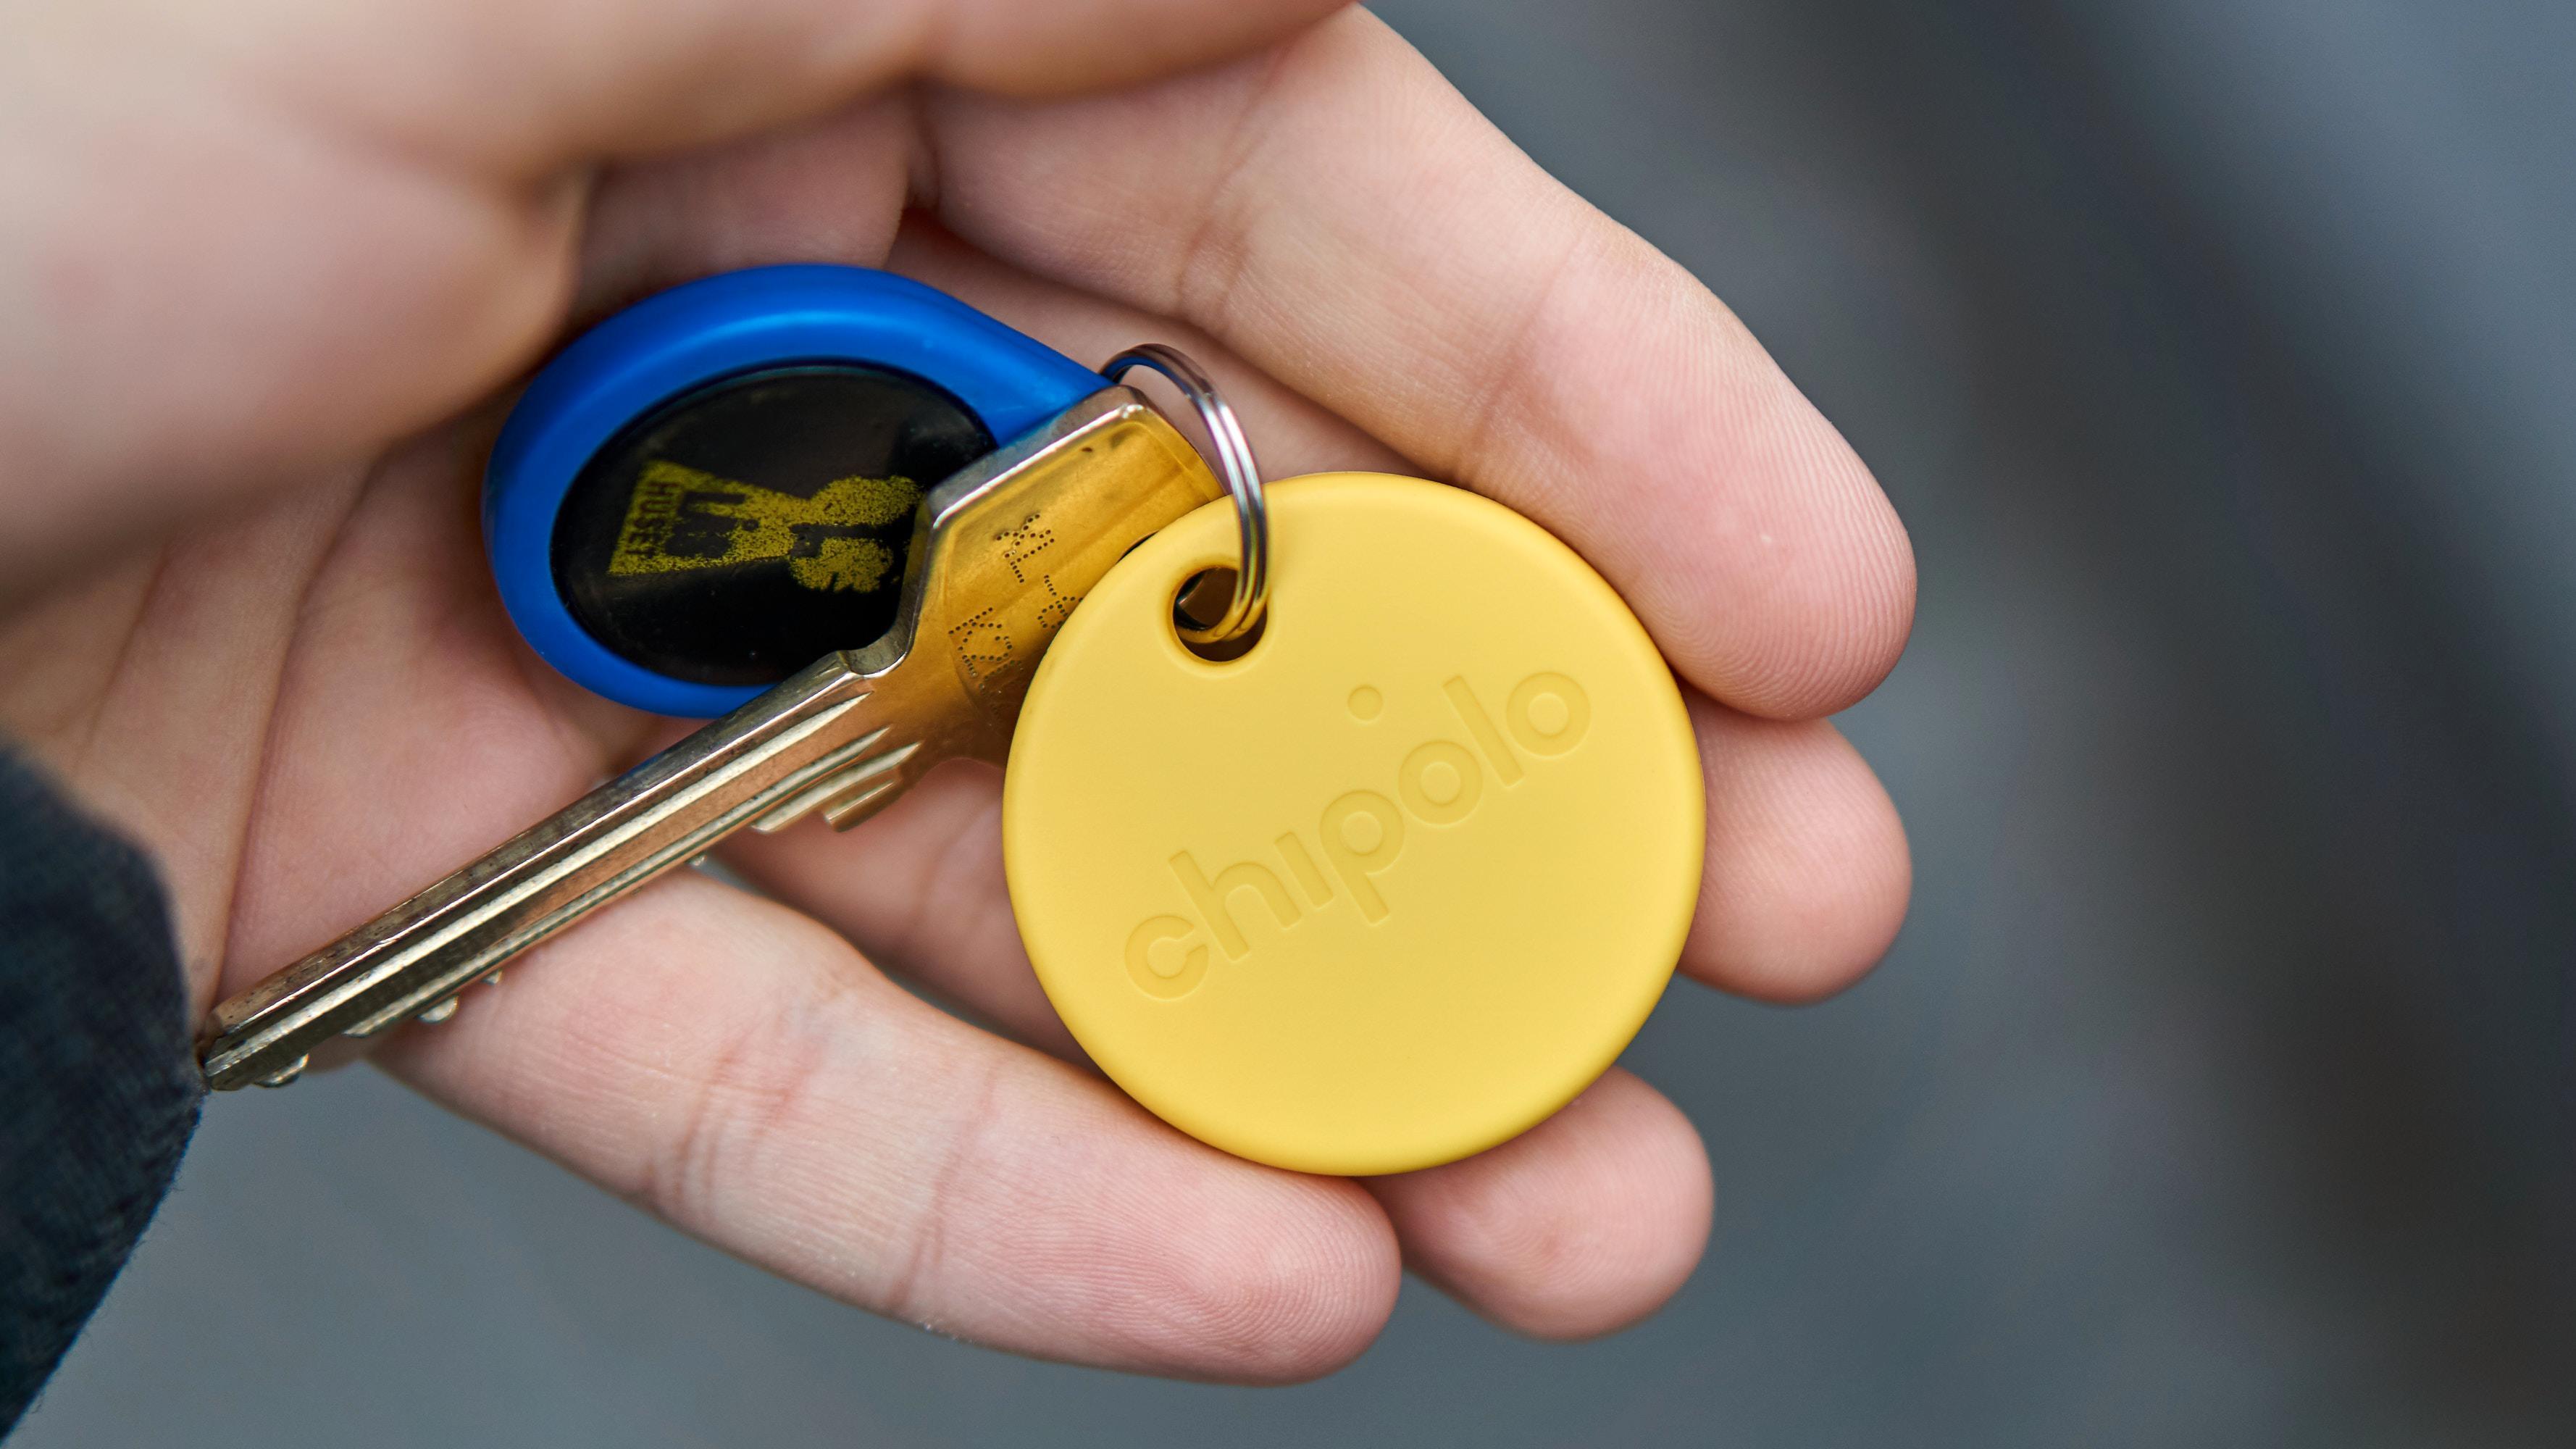 Chipolo One er den nyeste Chipolo-brikken, og hjelper deg med å finne ting. Sånn som nøkkelknippet, for eksempel.